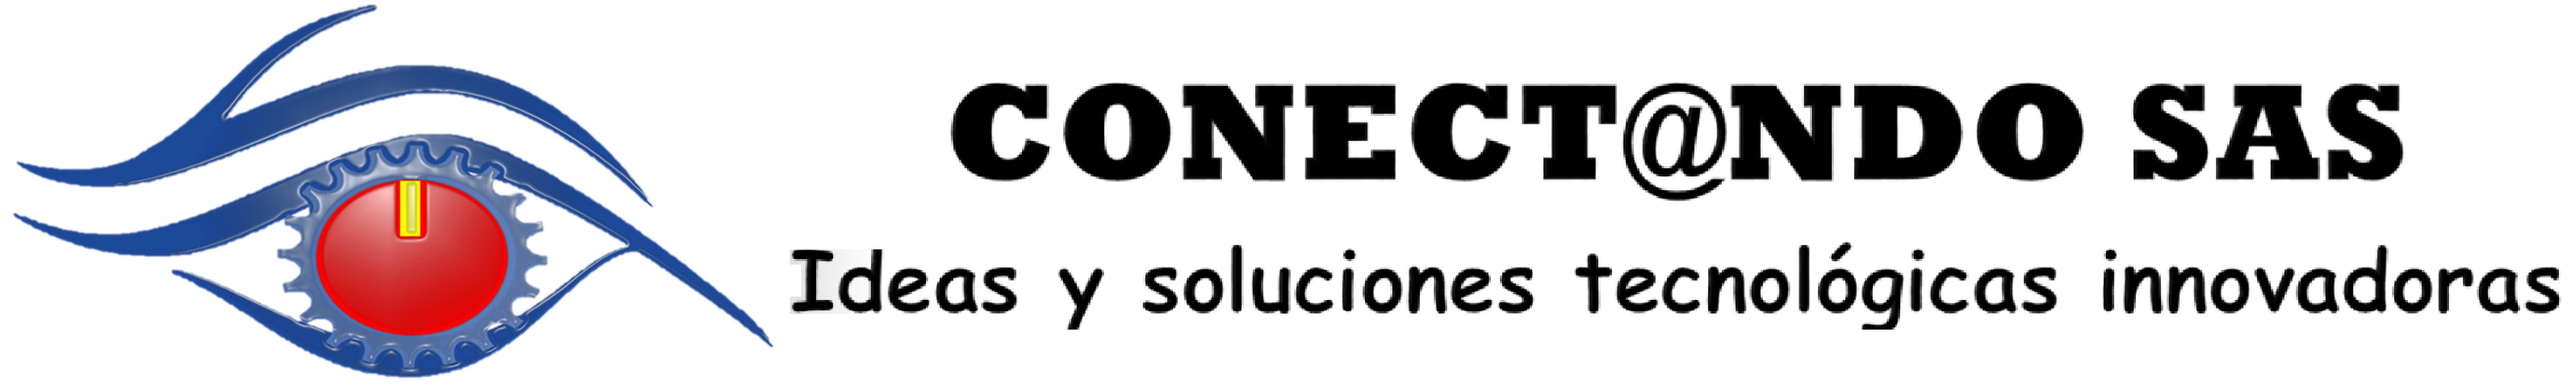 CONECTANDO SAS